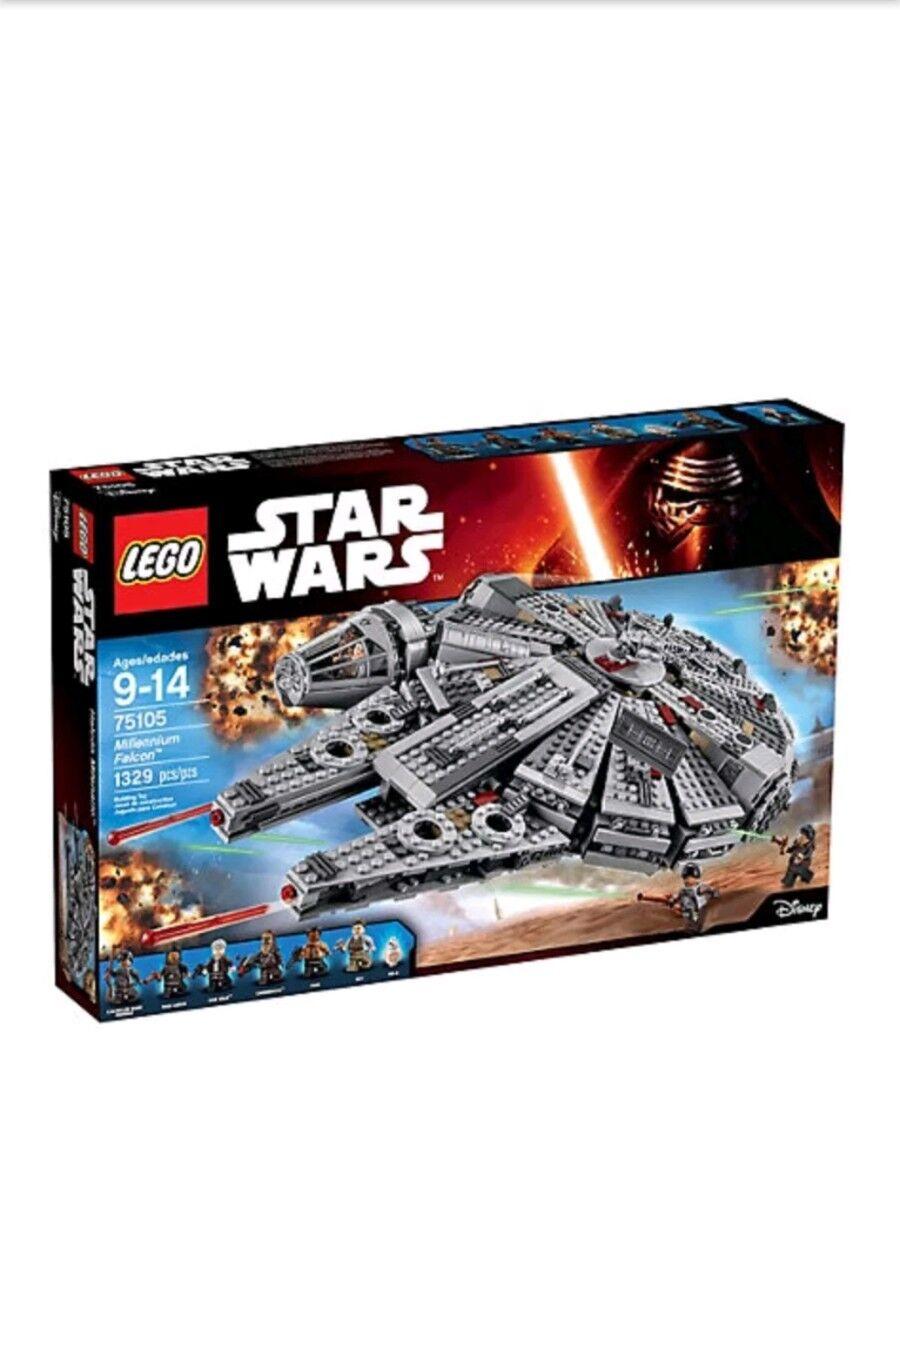 Lego Star Wars Millennium Falcon (75105), nuevo Sellado En Caja Gratis P&P